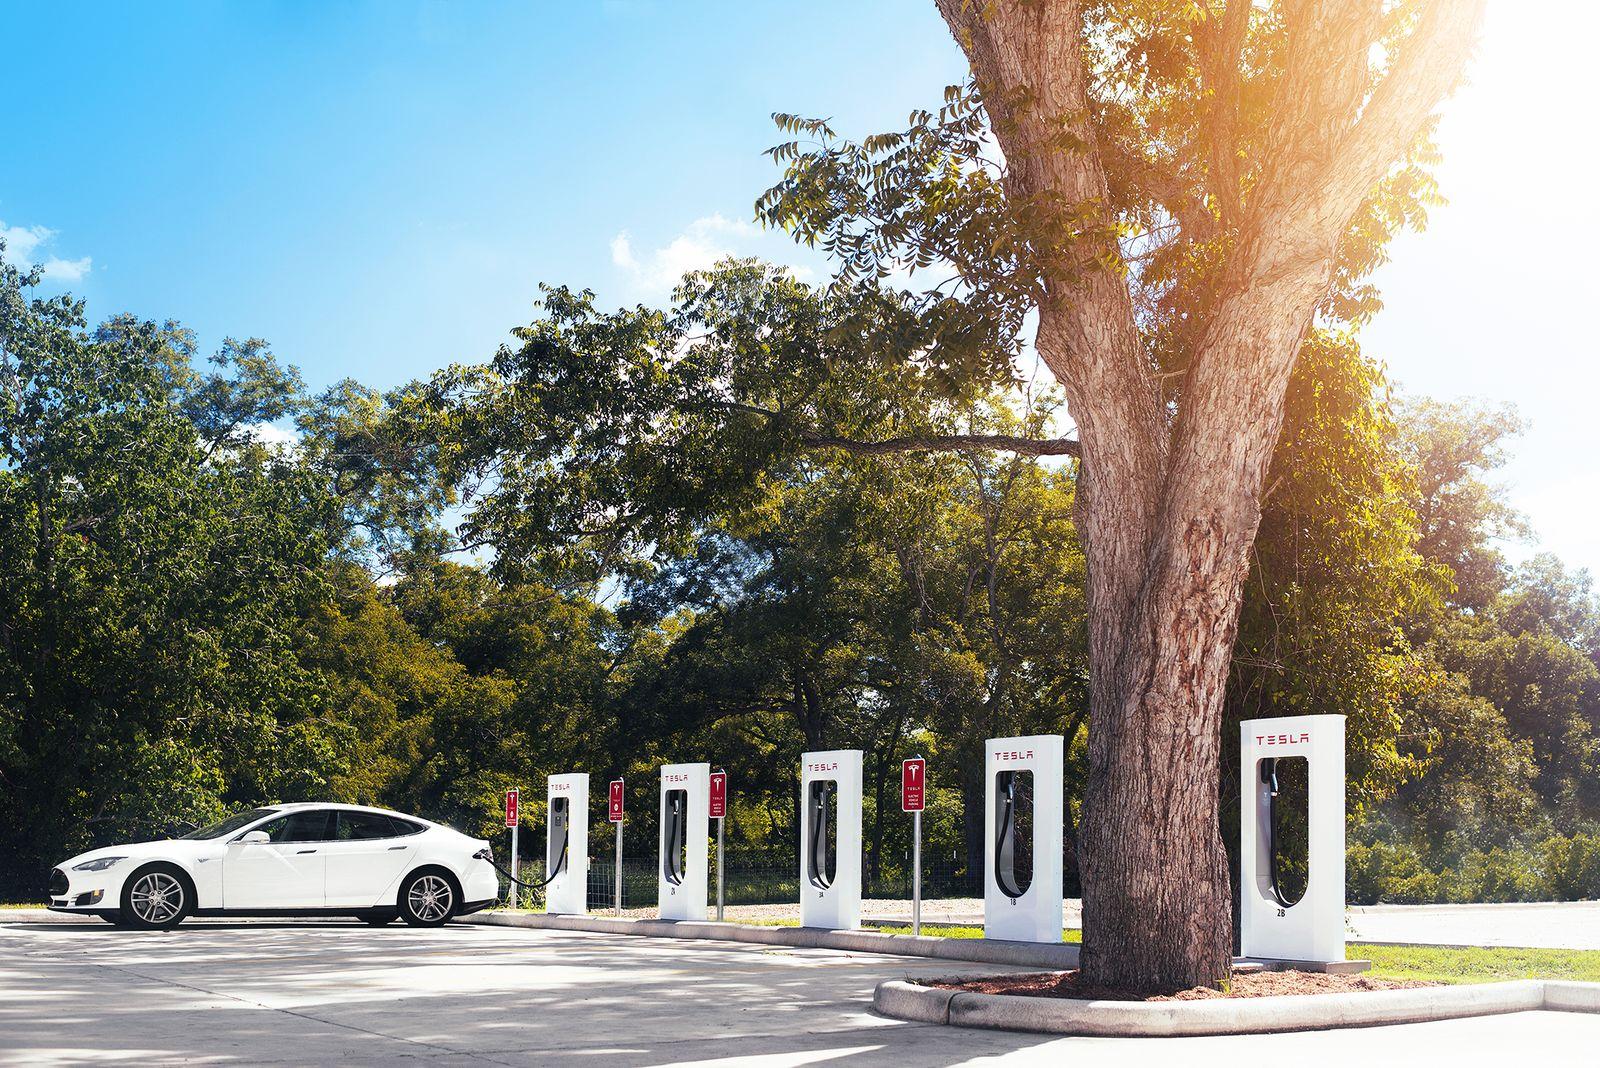 Supercharger Station / Tesla